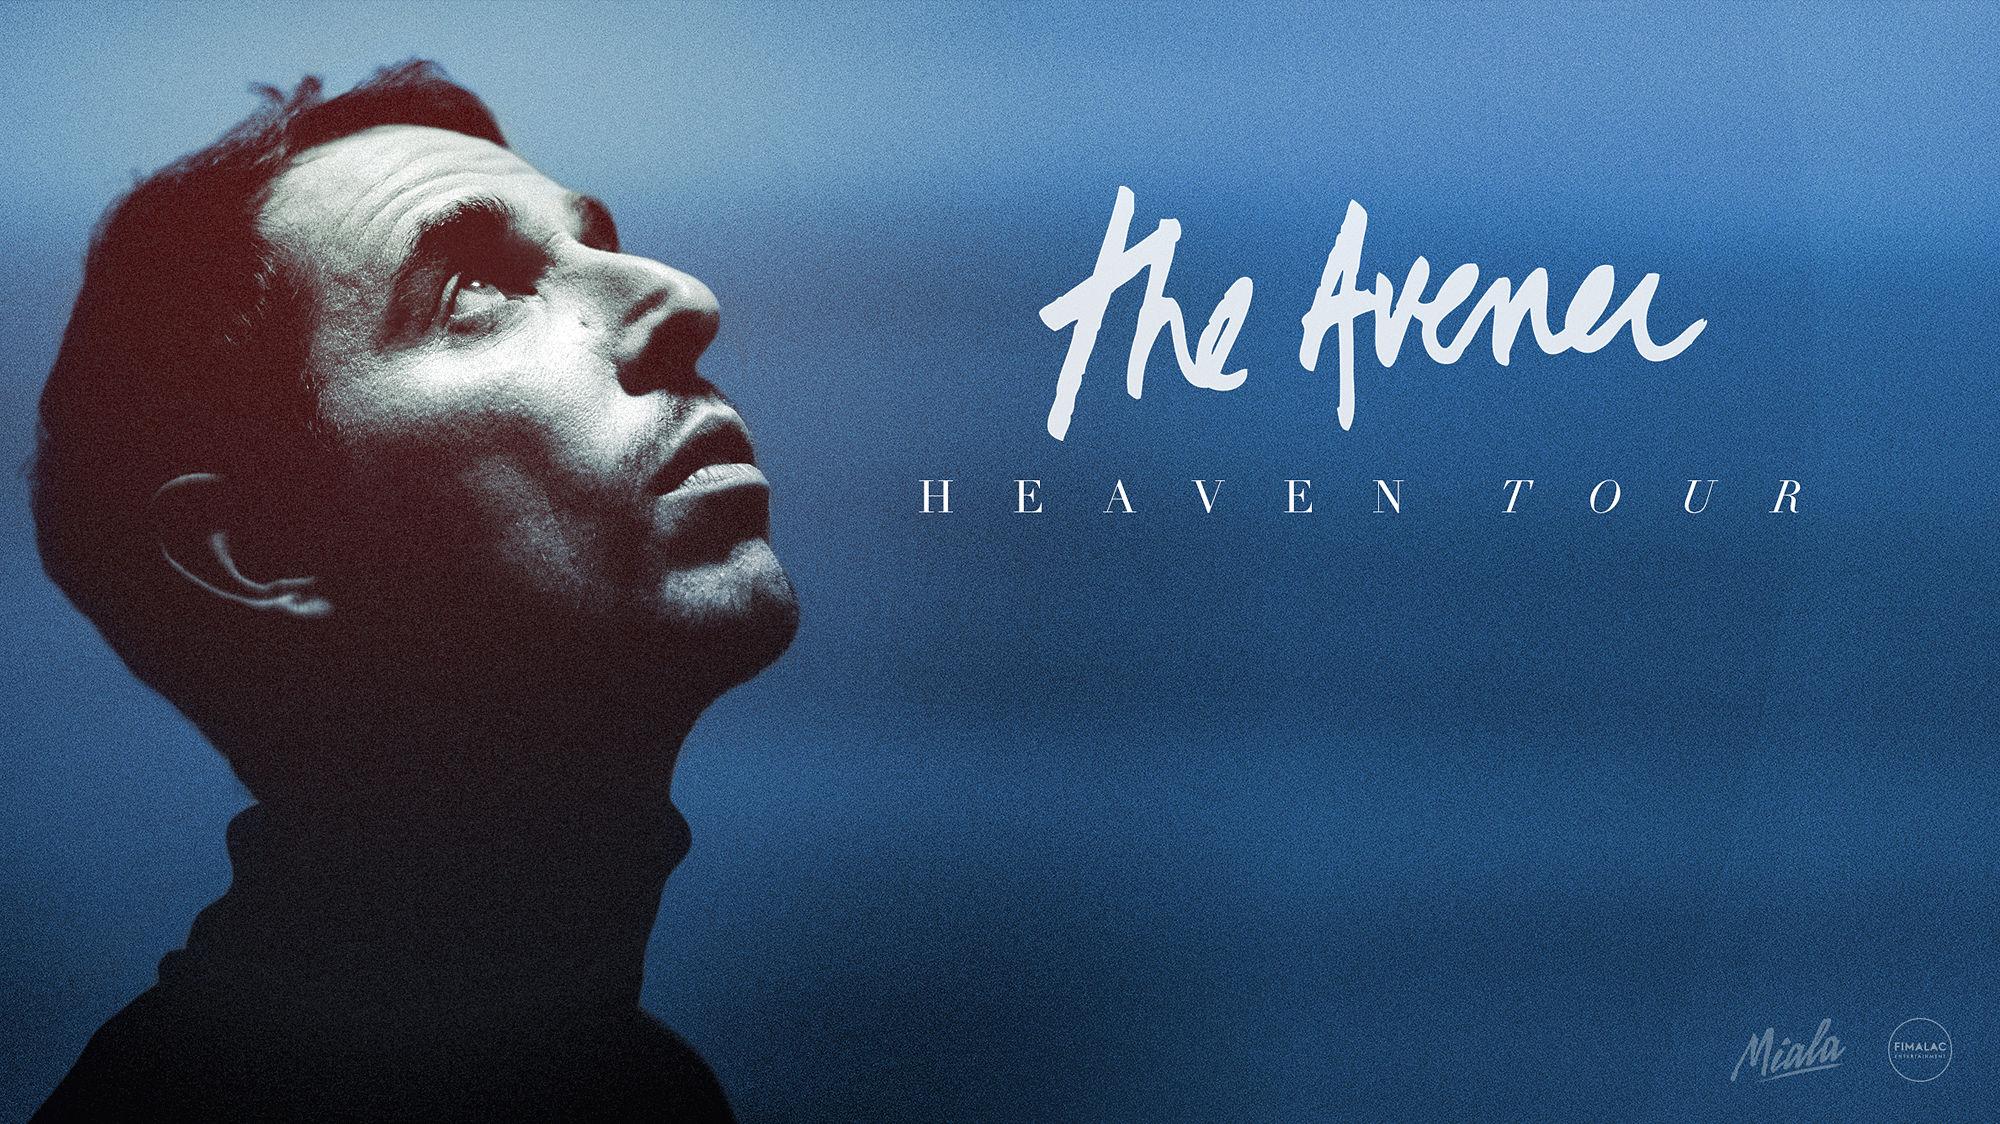 The Avener Tournee 2020 electro